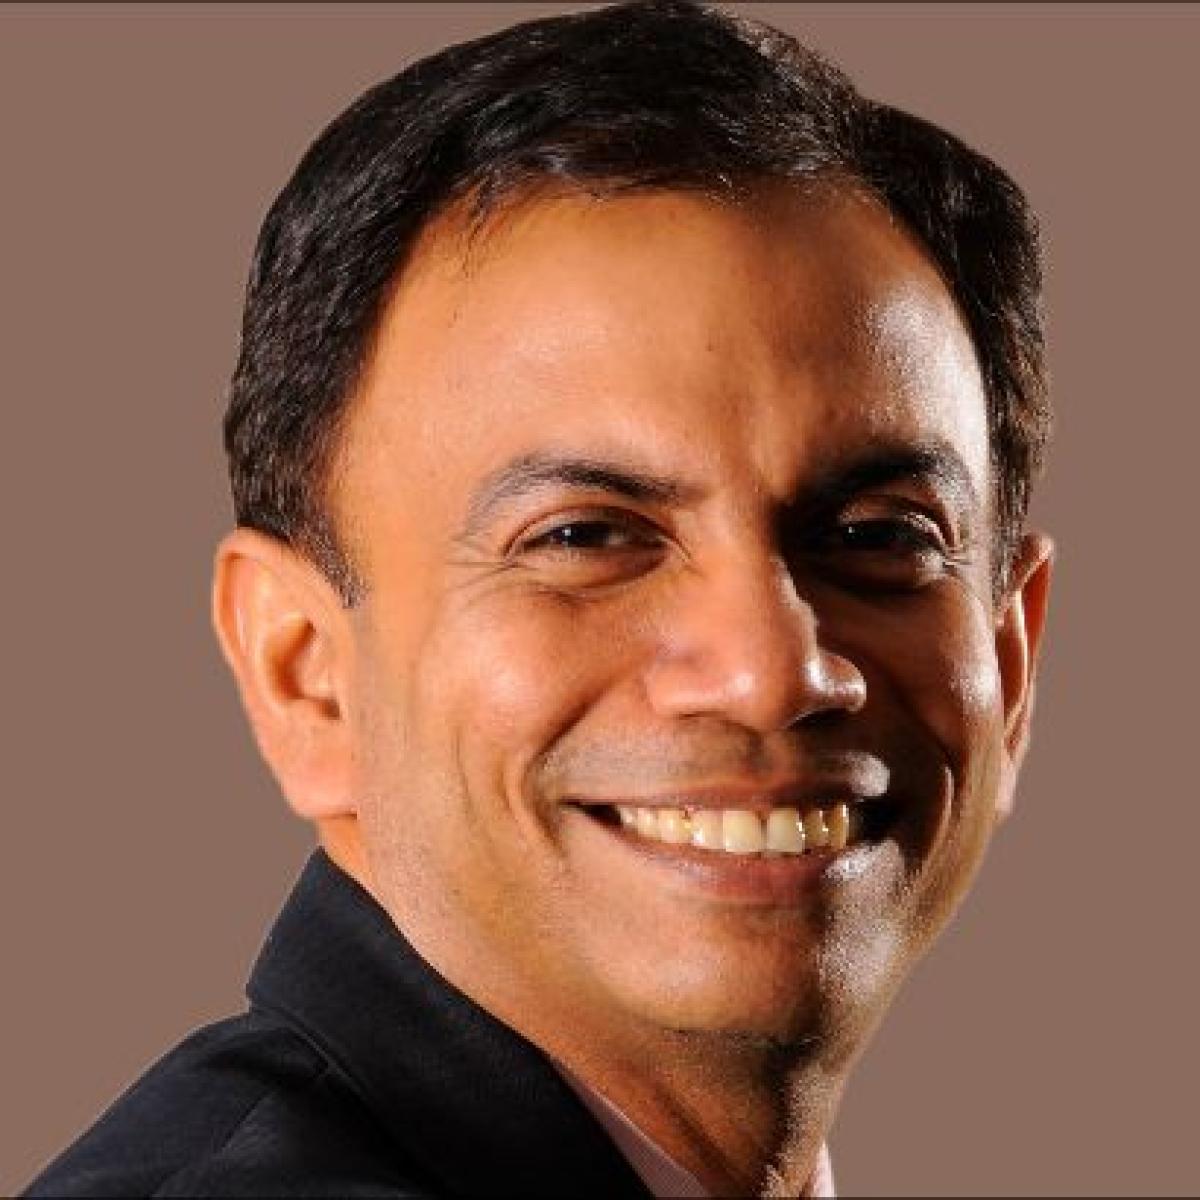 Sanjay Tripathy, co-founder and CEO Agilio Labs, and Advisor - IAMAI